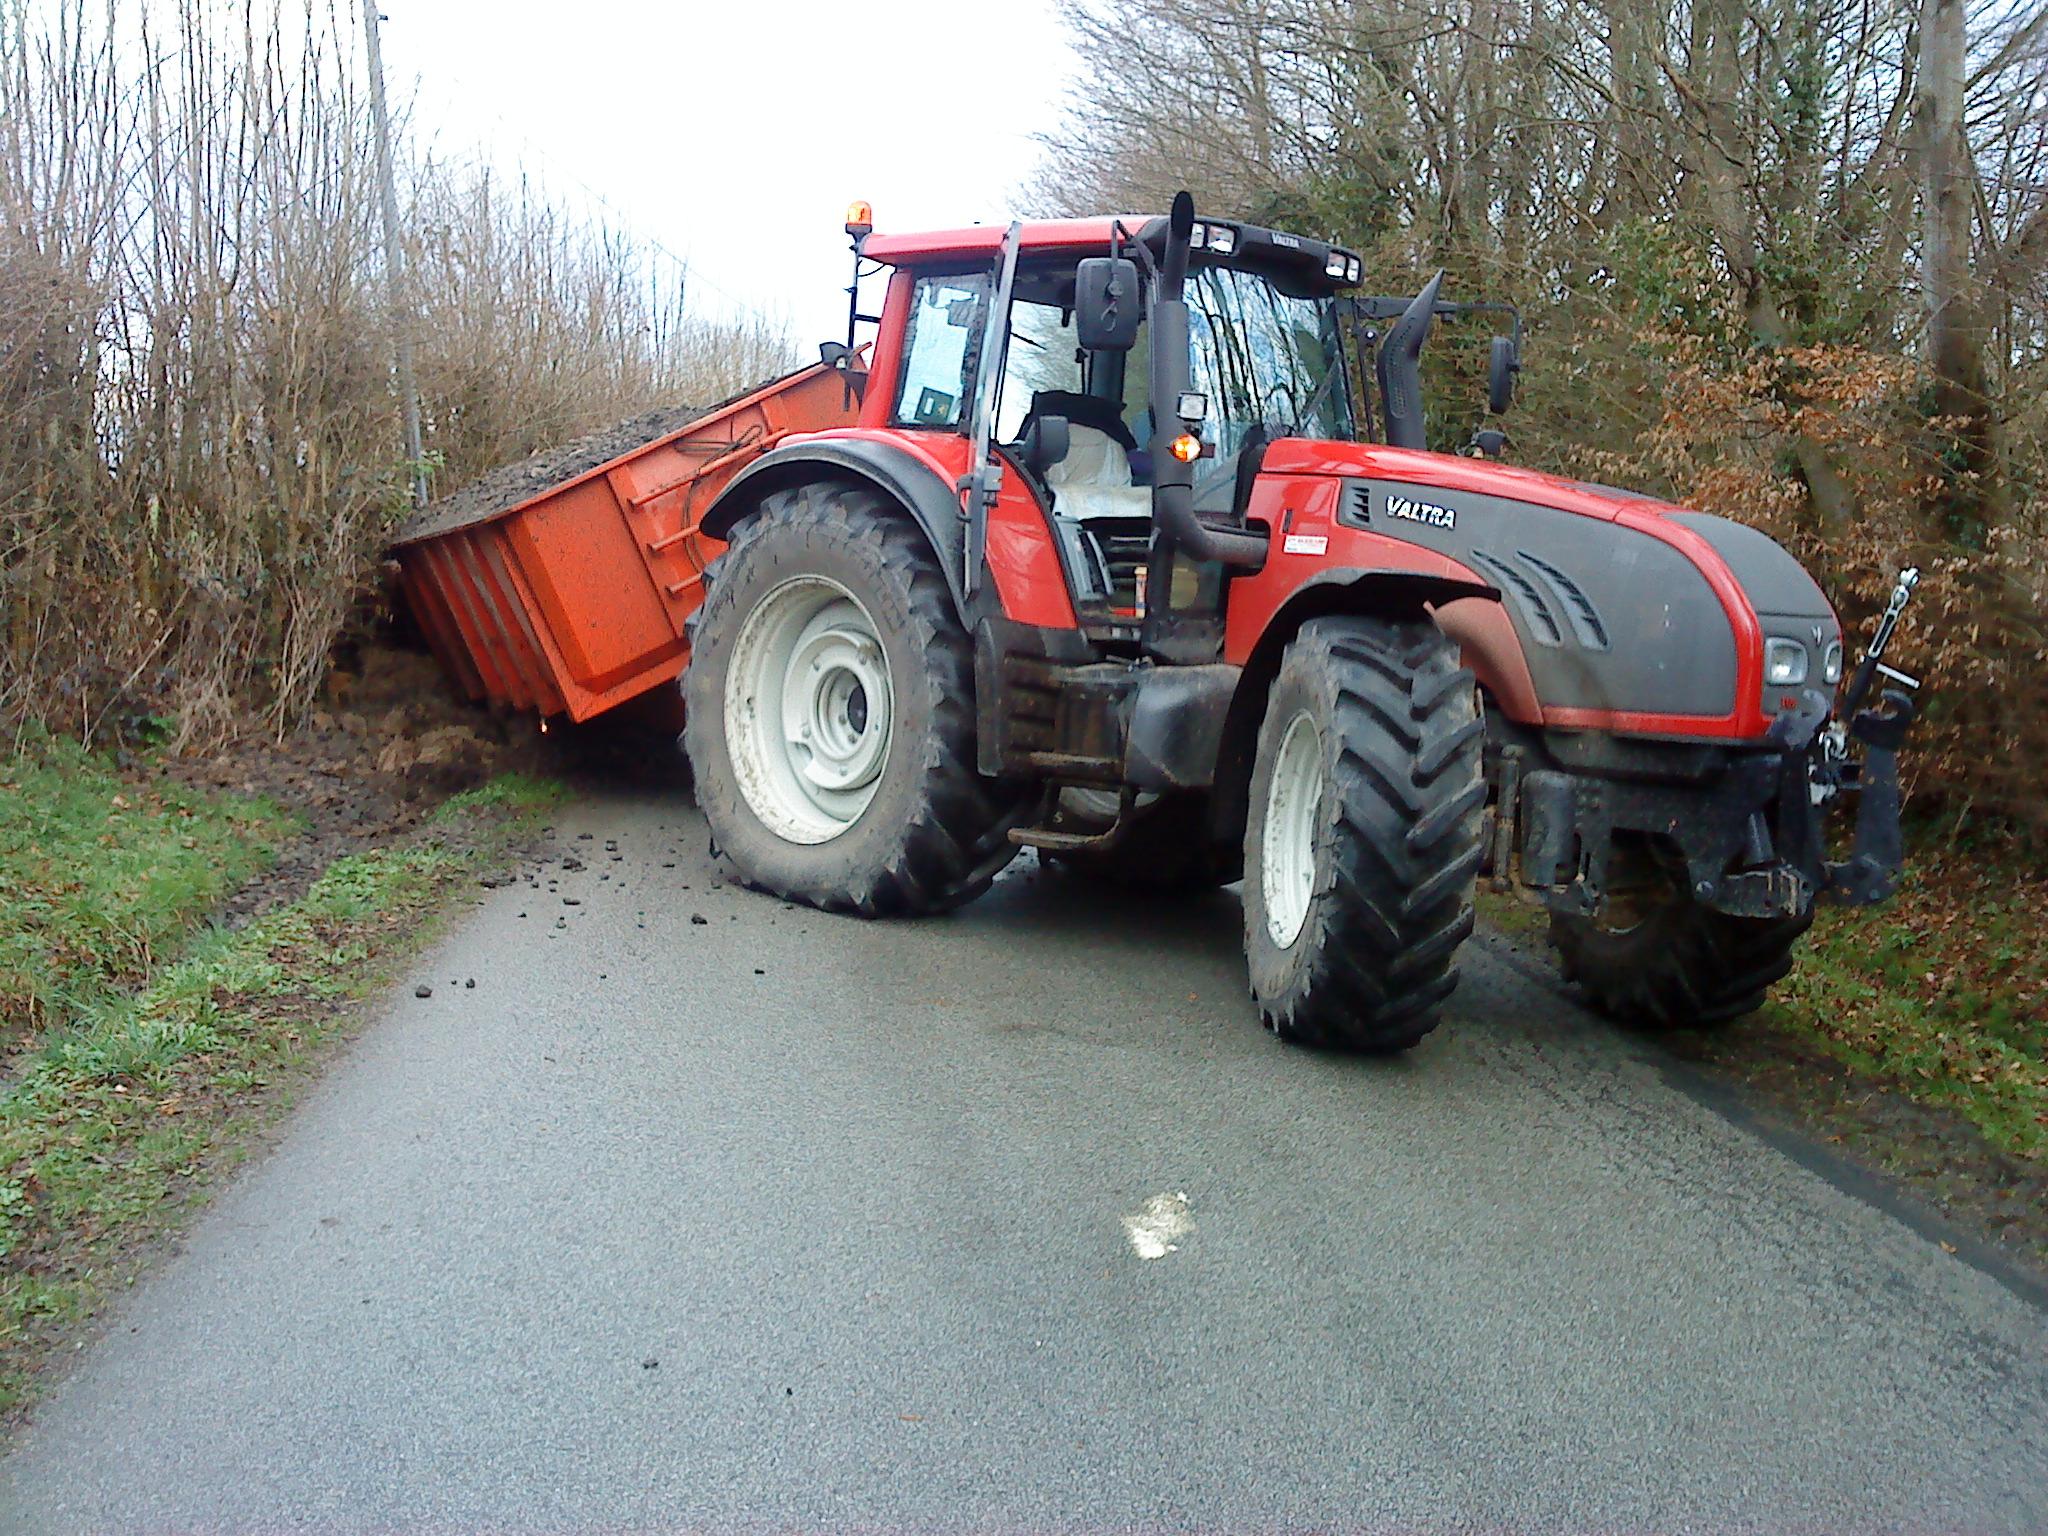 Avis t172 versu et direct de la marque valtra tracteurs agricoles - Cars et les tracteurs ...